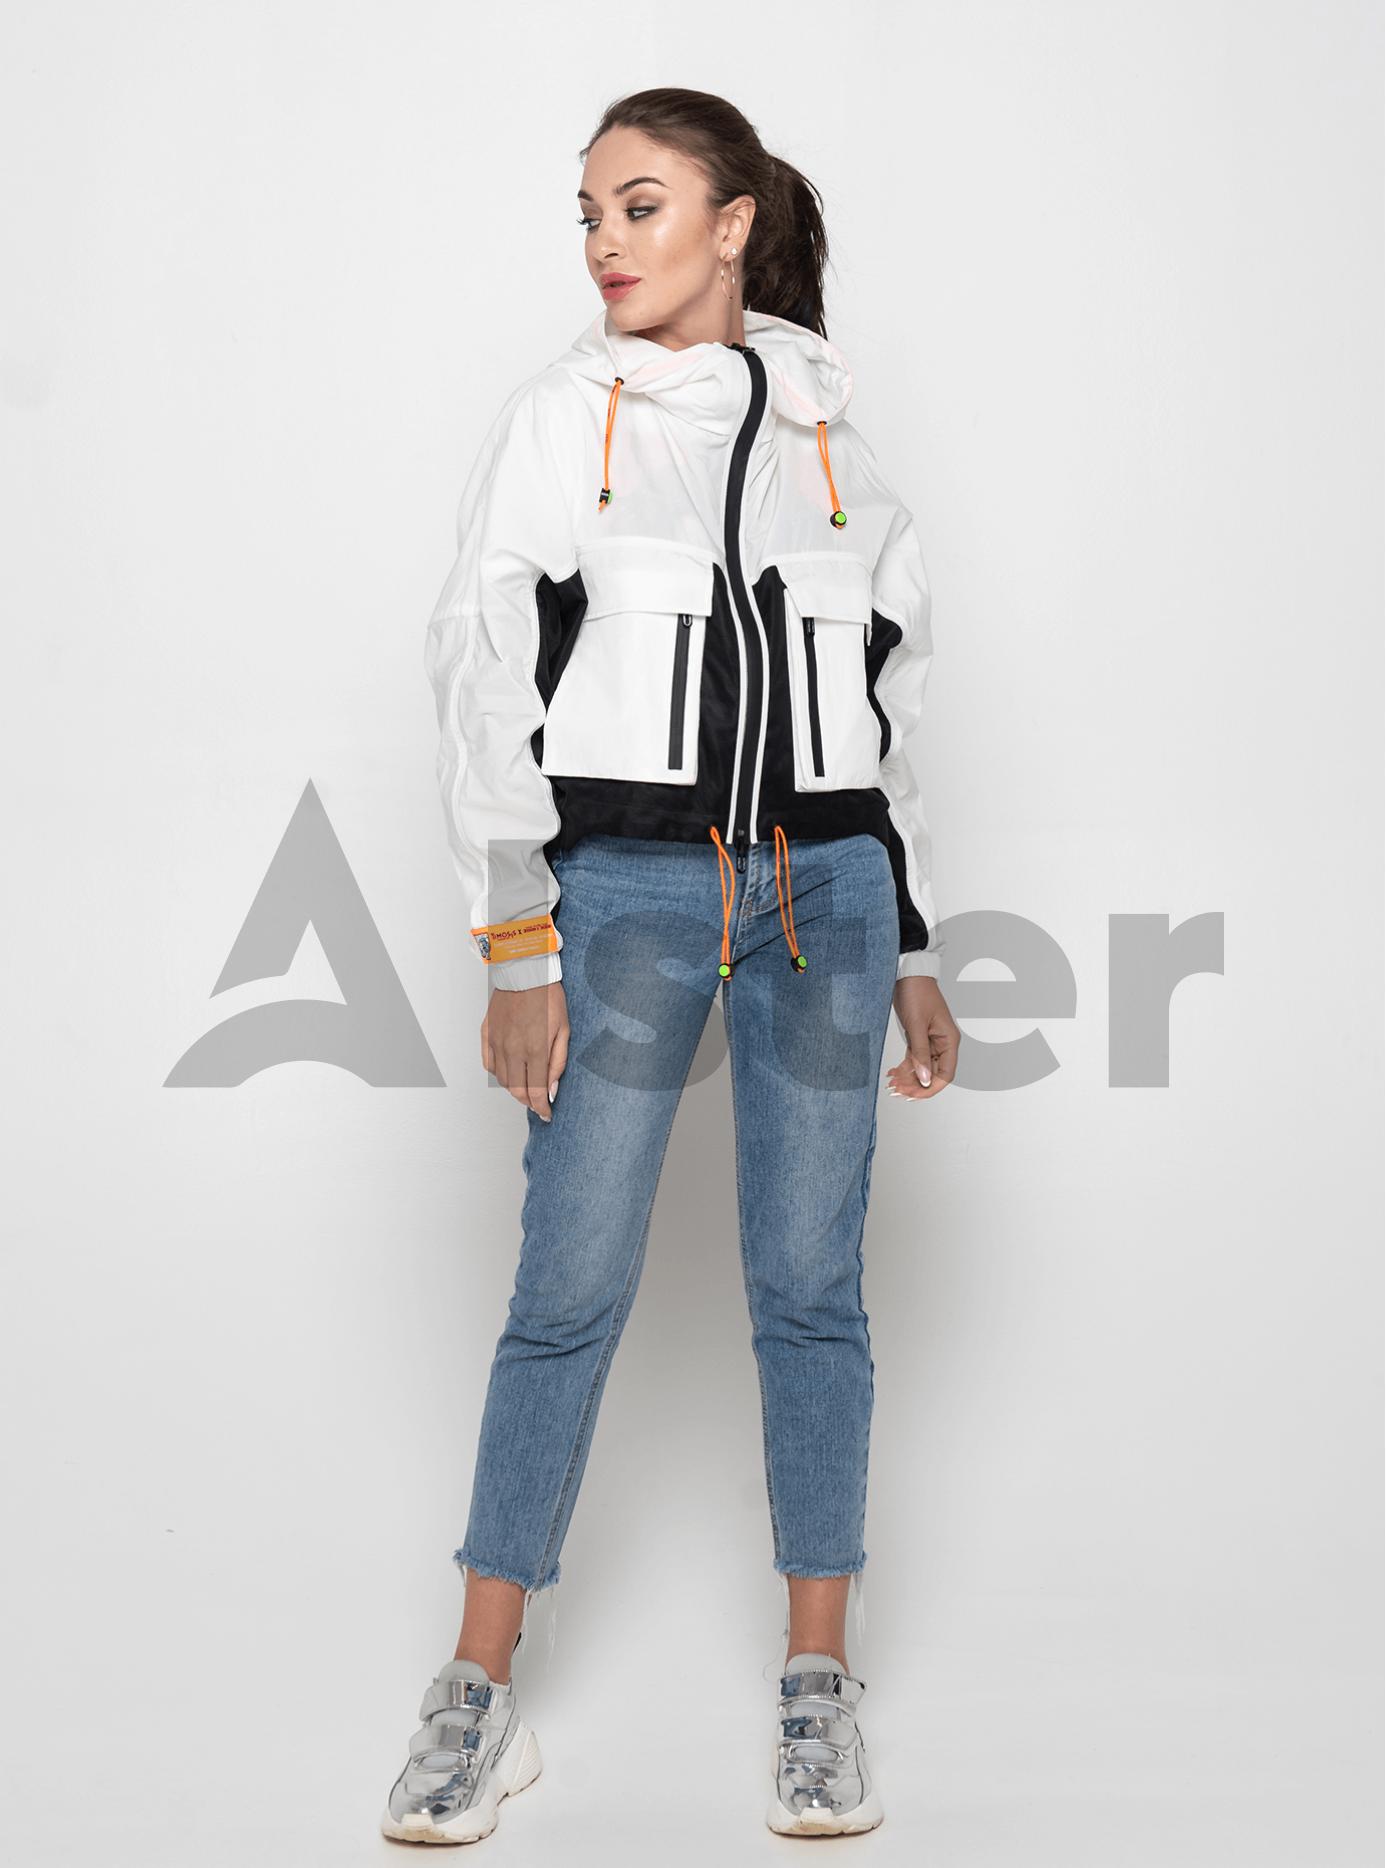 Куртка демисезонная с накладными карманами Белый L (02-Y191028): фото - Alster.ua